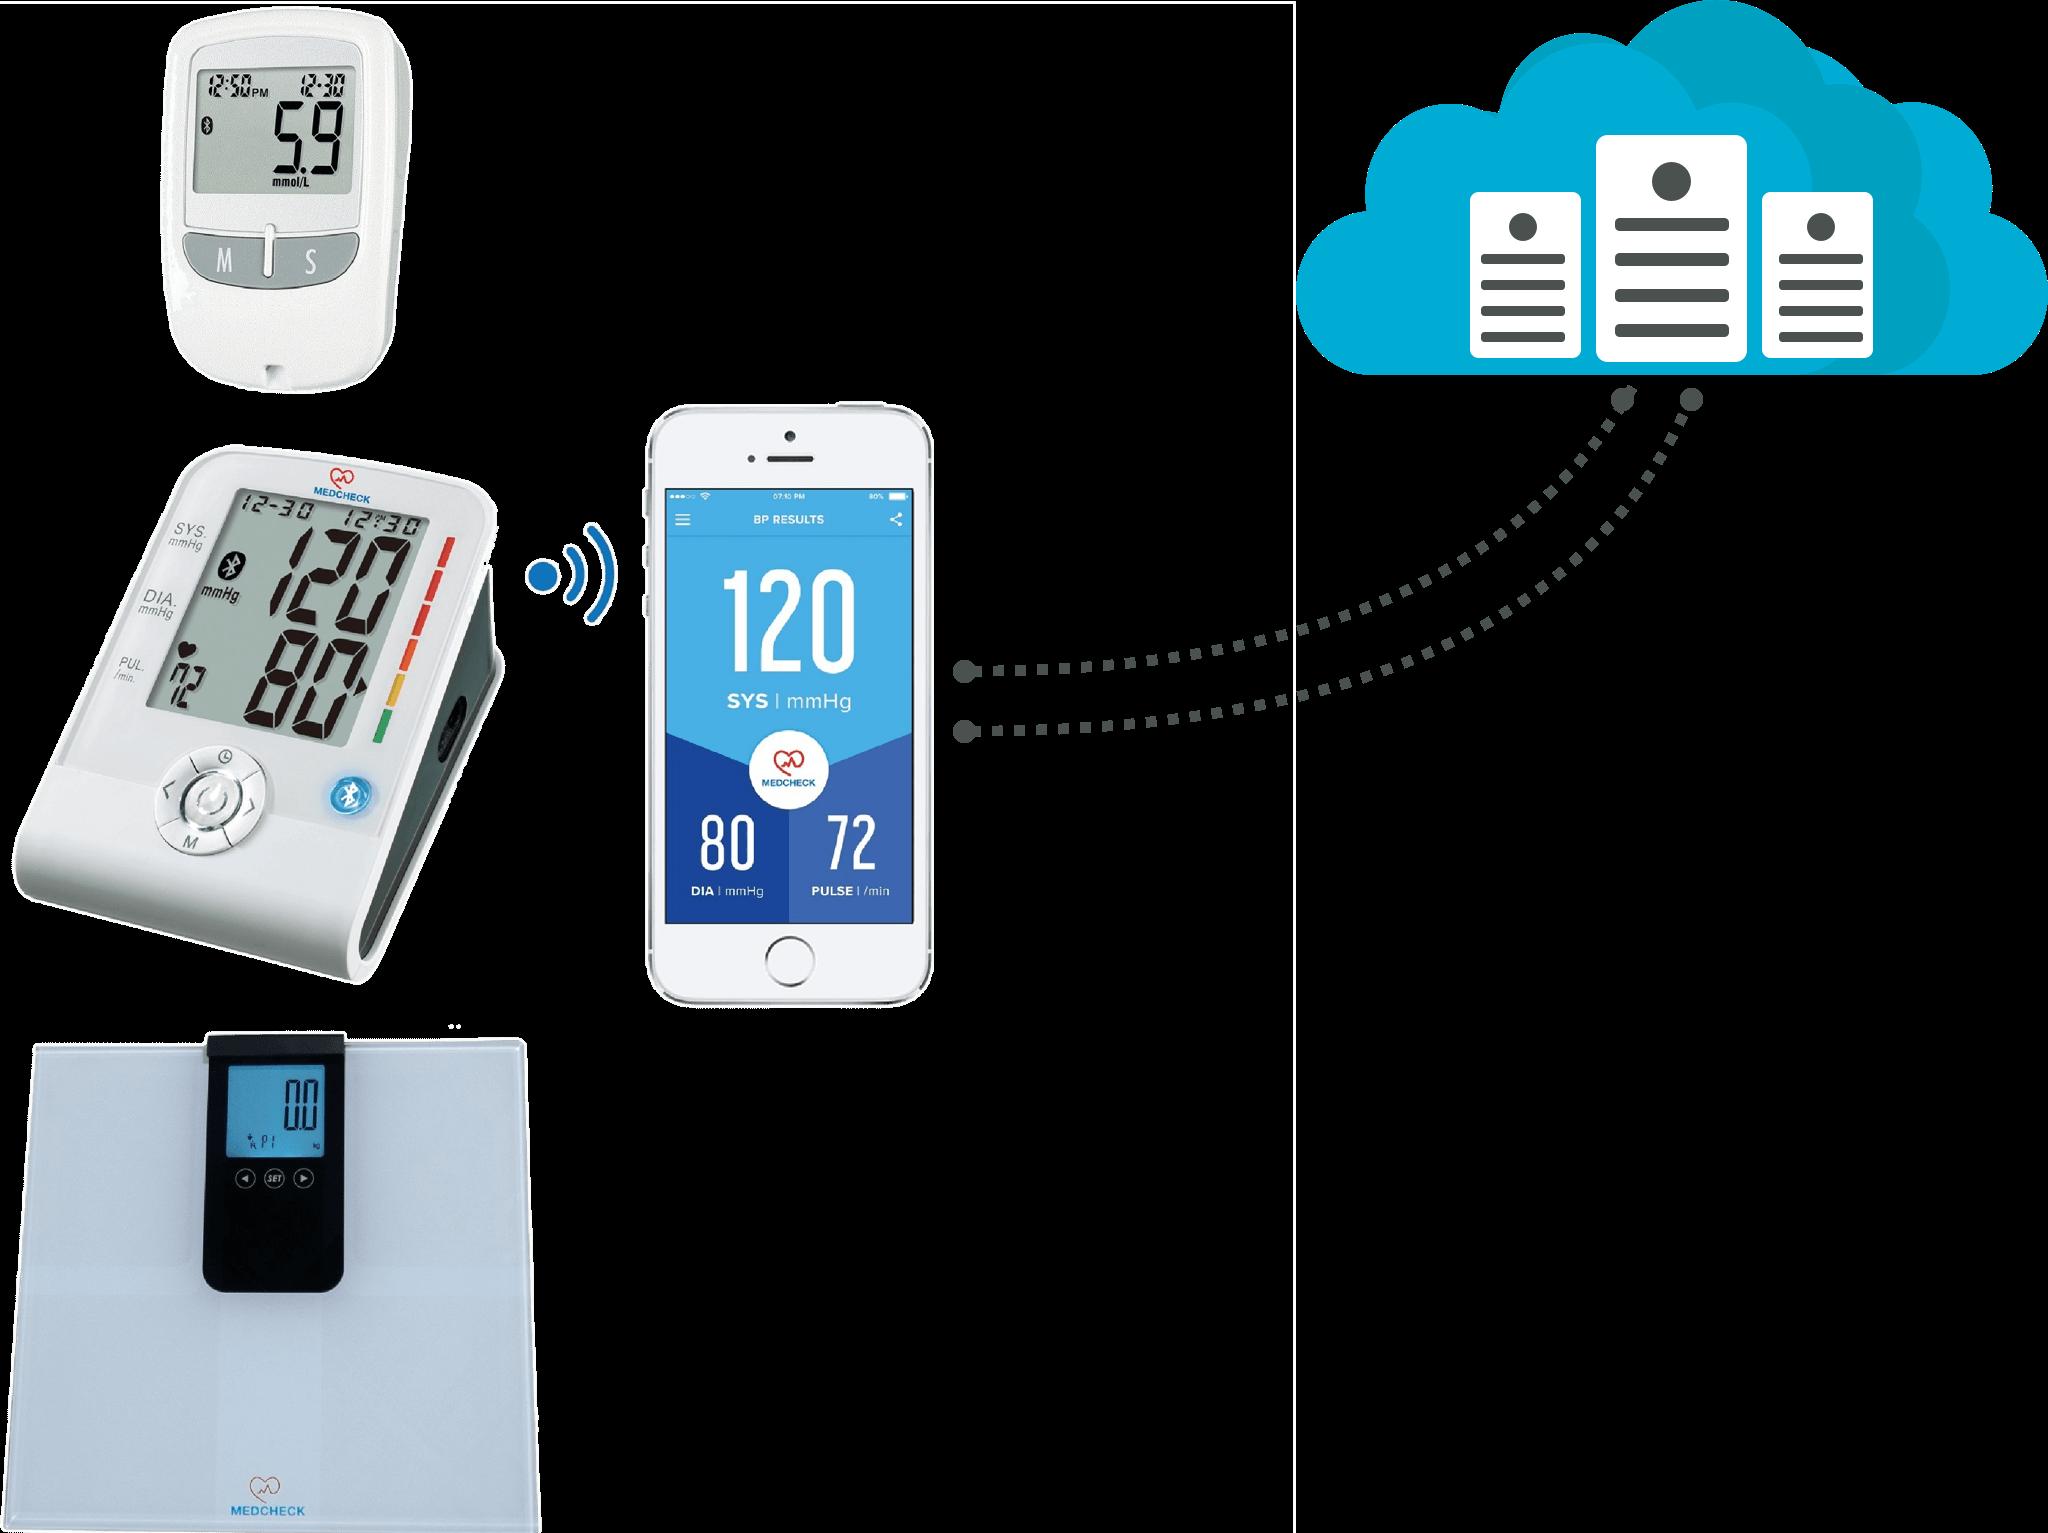 Iot_Healthcare-02